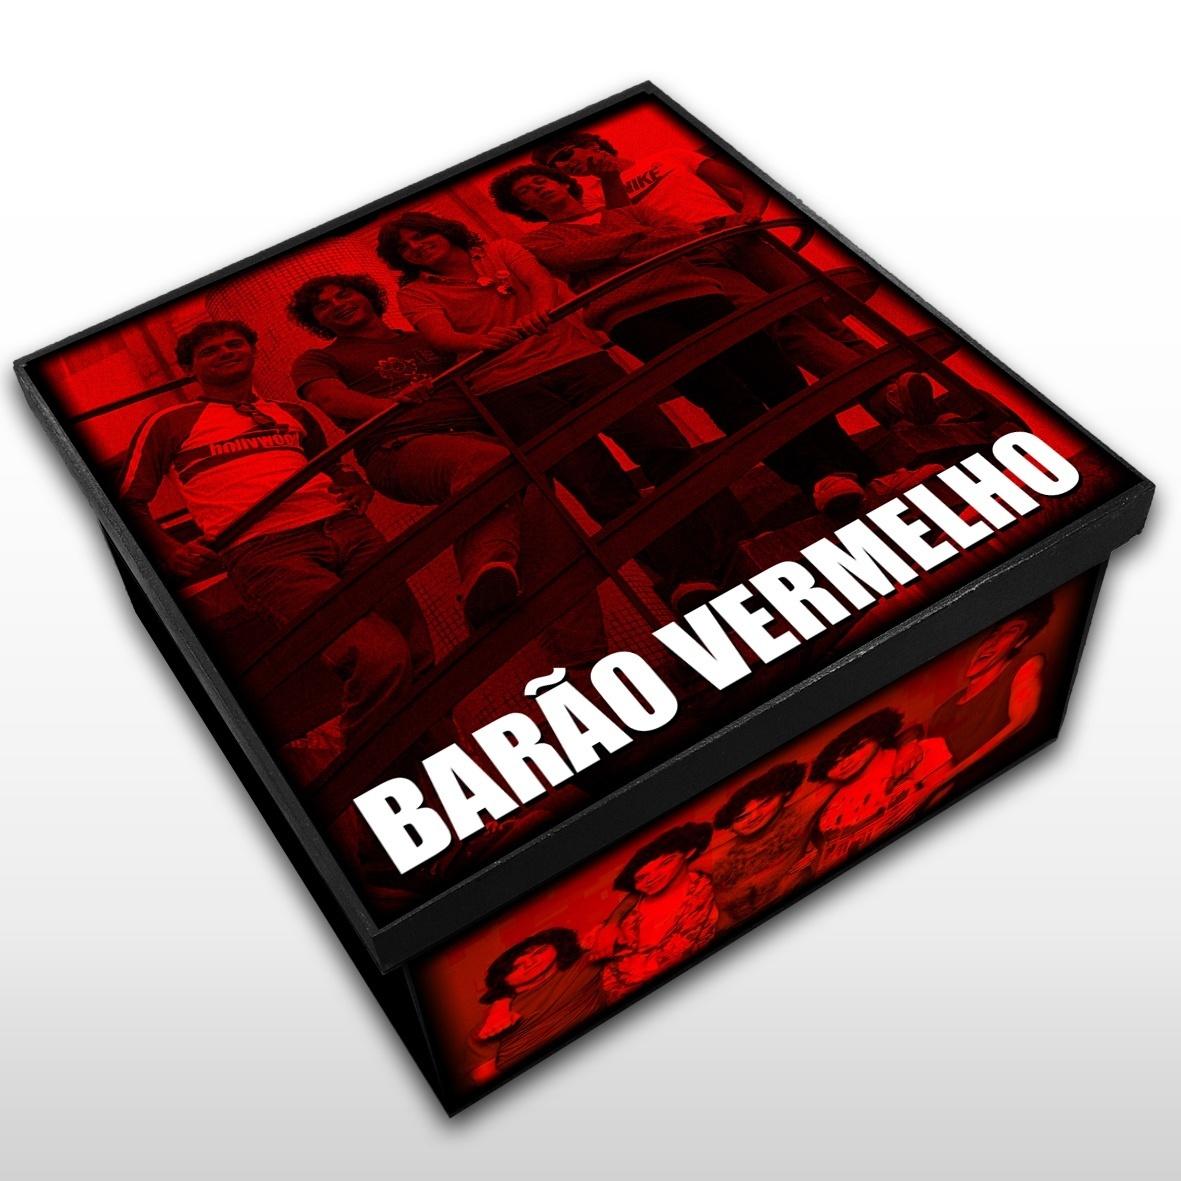 Barão Vermelho - Caixa Organizadora em Madeira MDF - Tamanho Médio - Mr. Rock